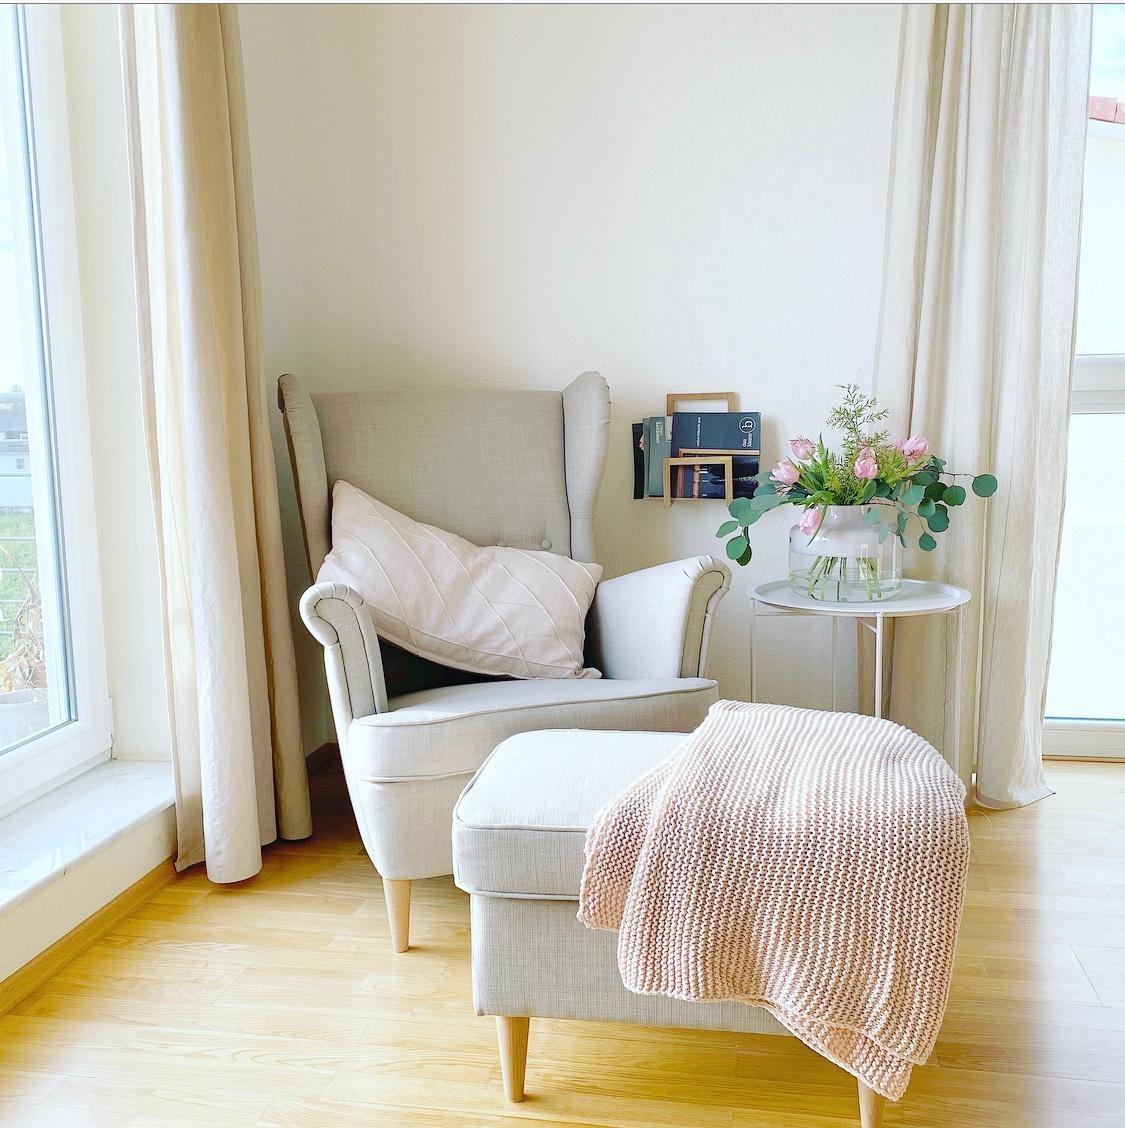 umgestaltung #sitzecke #wohnzimmer #wohnzimmerinspo